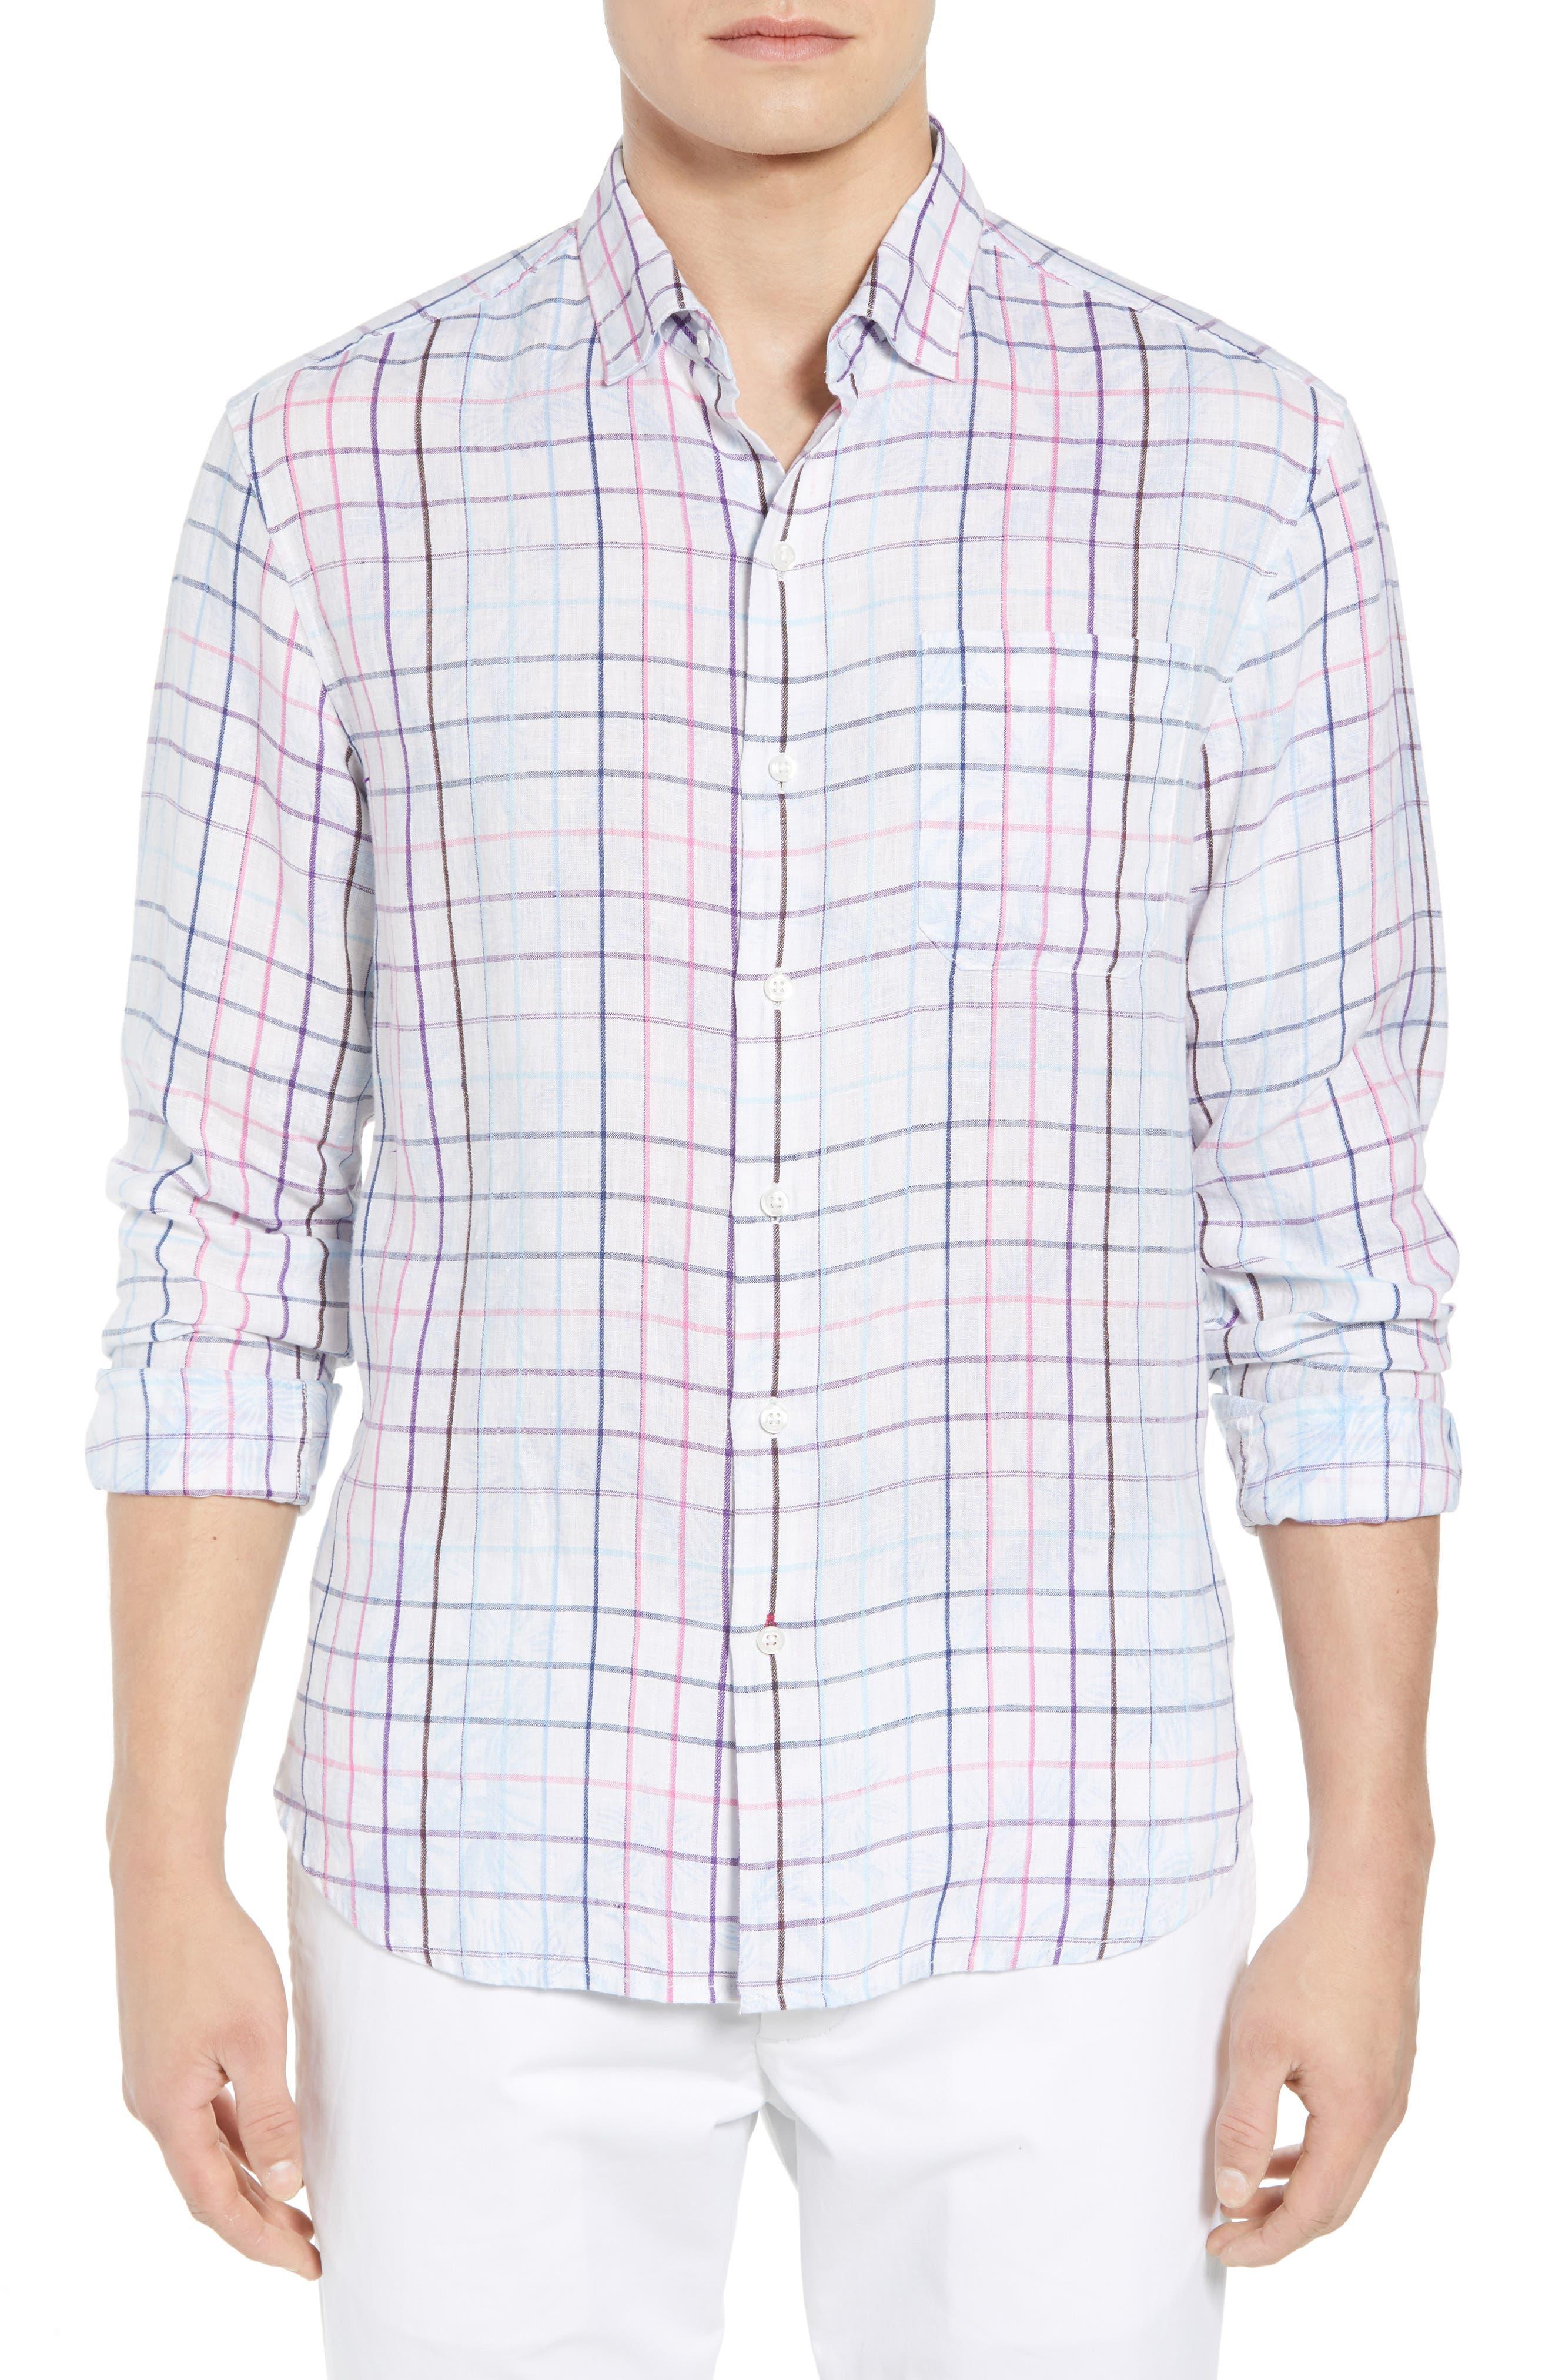 Tulum Terrace Check Linen Sport Shirt,                             Main thumbnail 1, color,                             BOWTIE BLUE